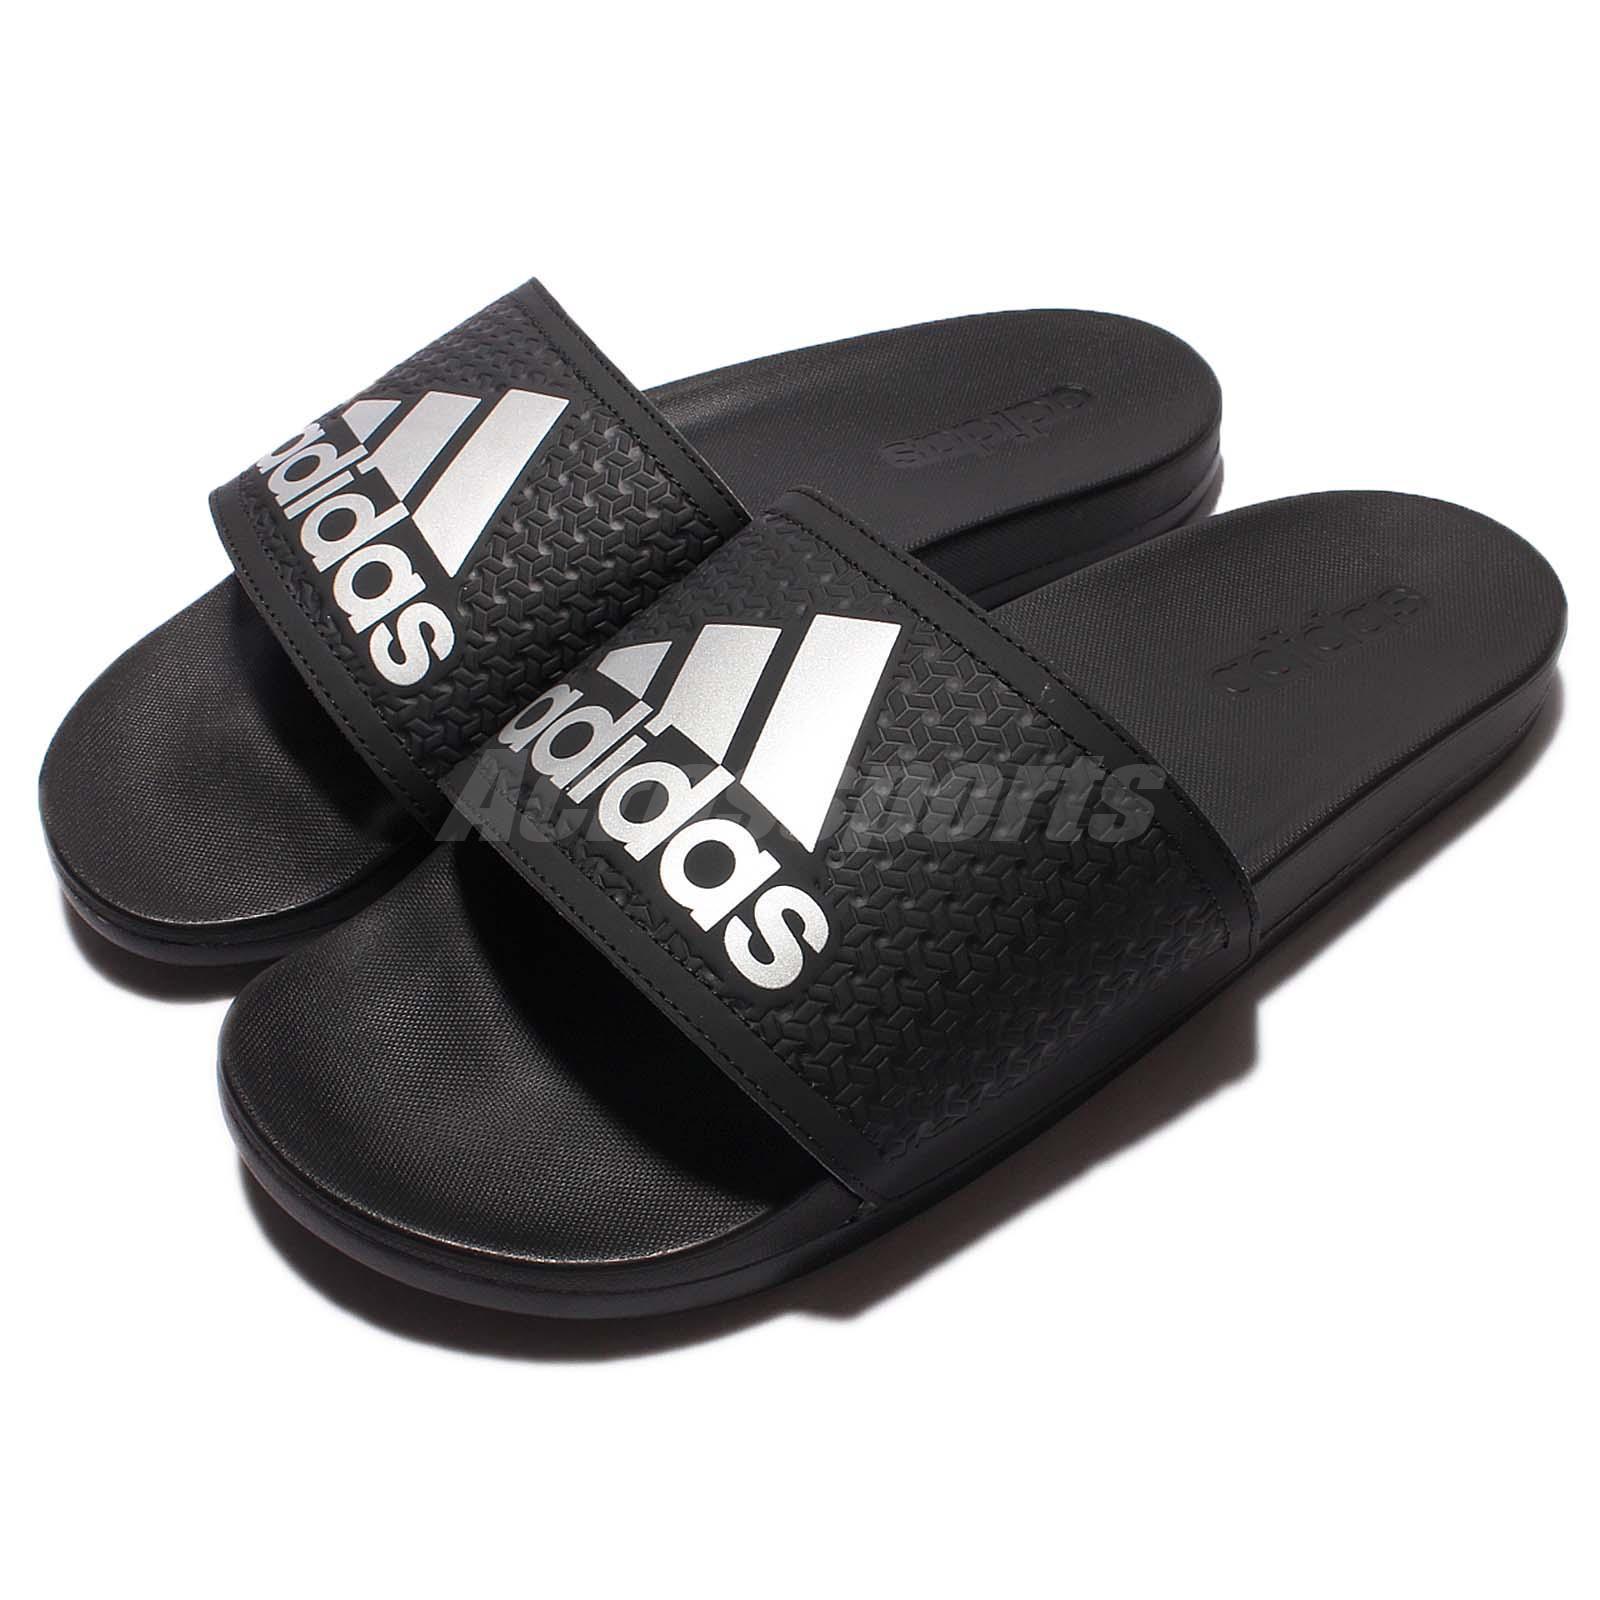 f3a89d516863 Details about adidas Adilette CF C Comfort Black Silver Men Sports Sandal  Slide S79352